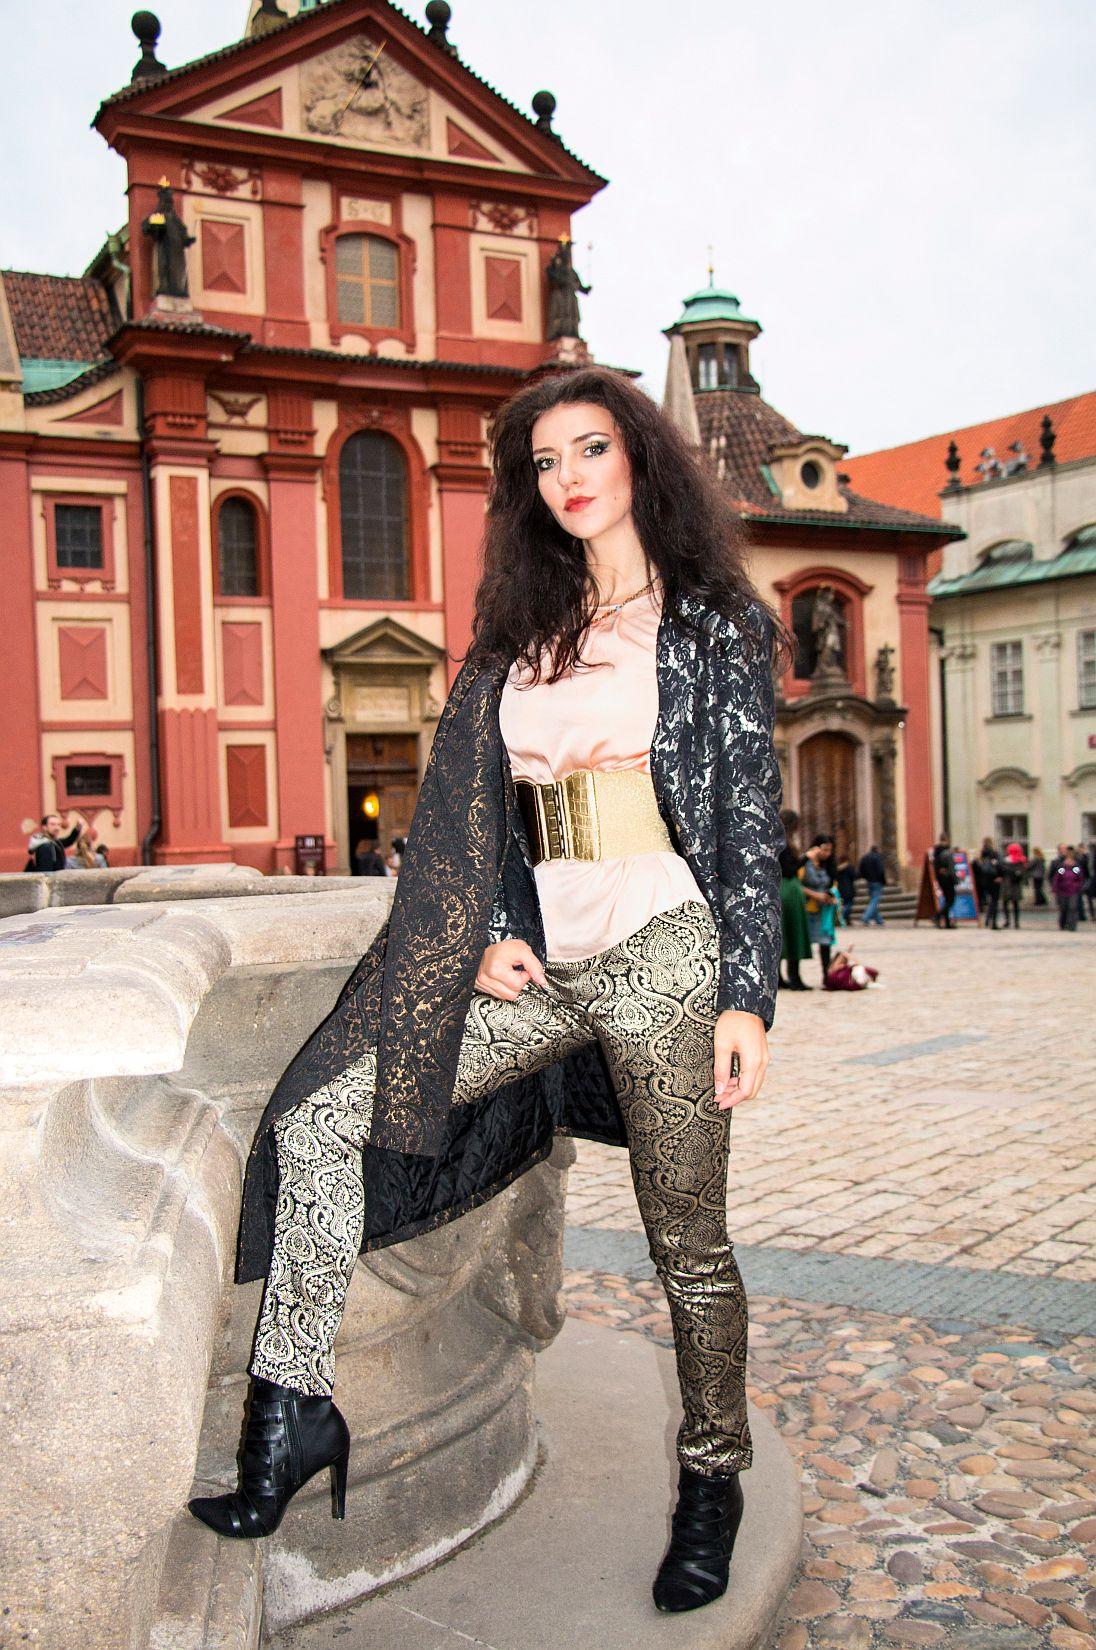 af416385310c myamirell.com - Fashion is my pashion